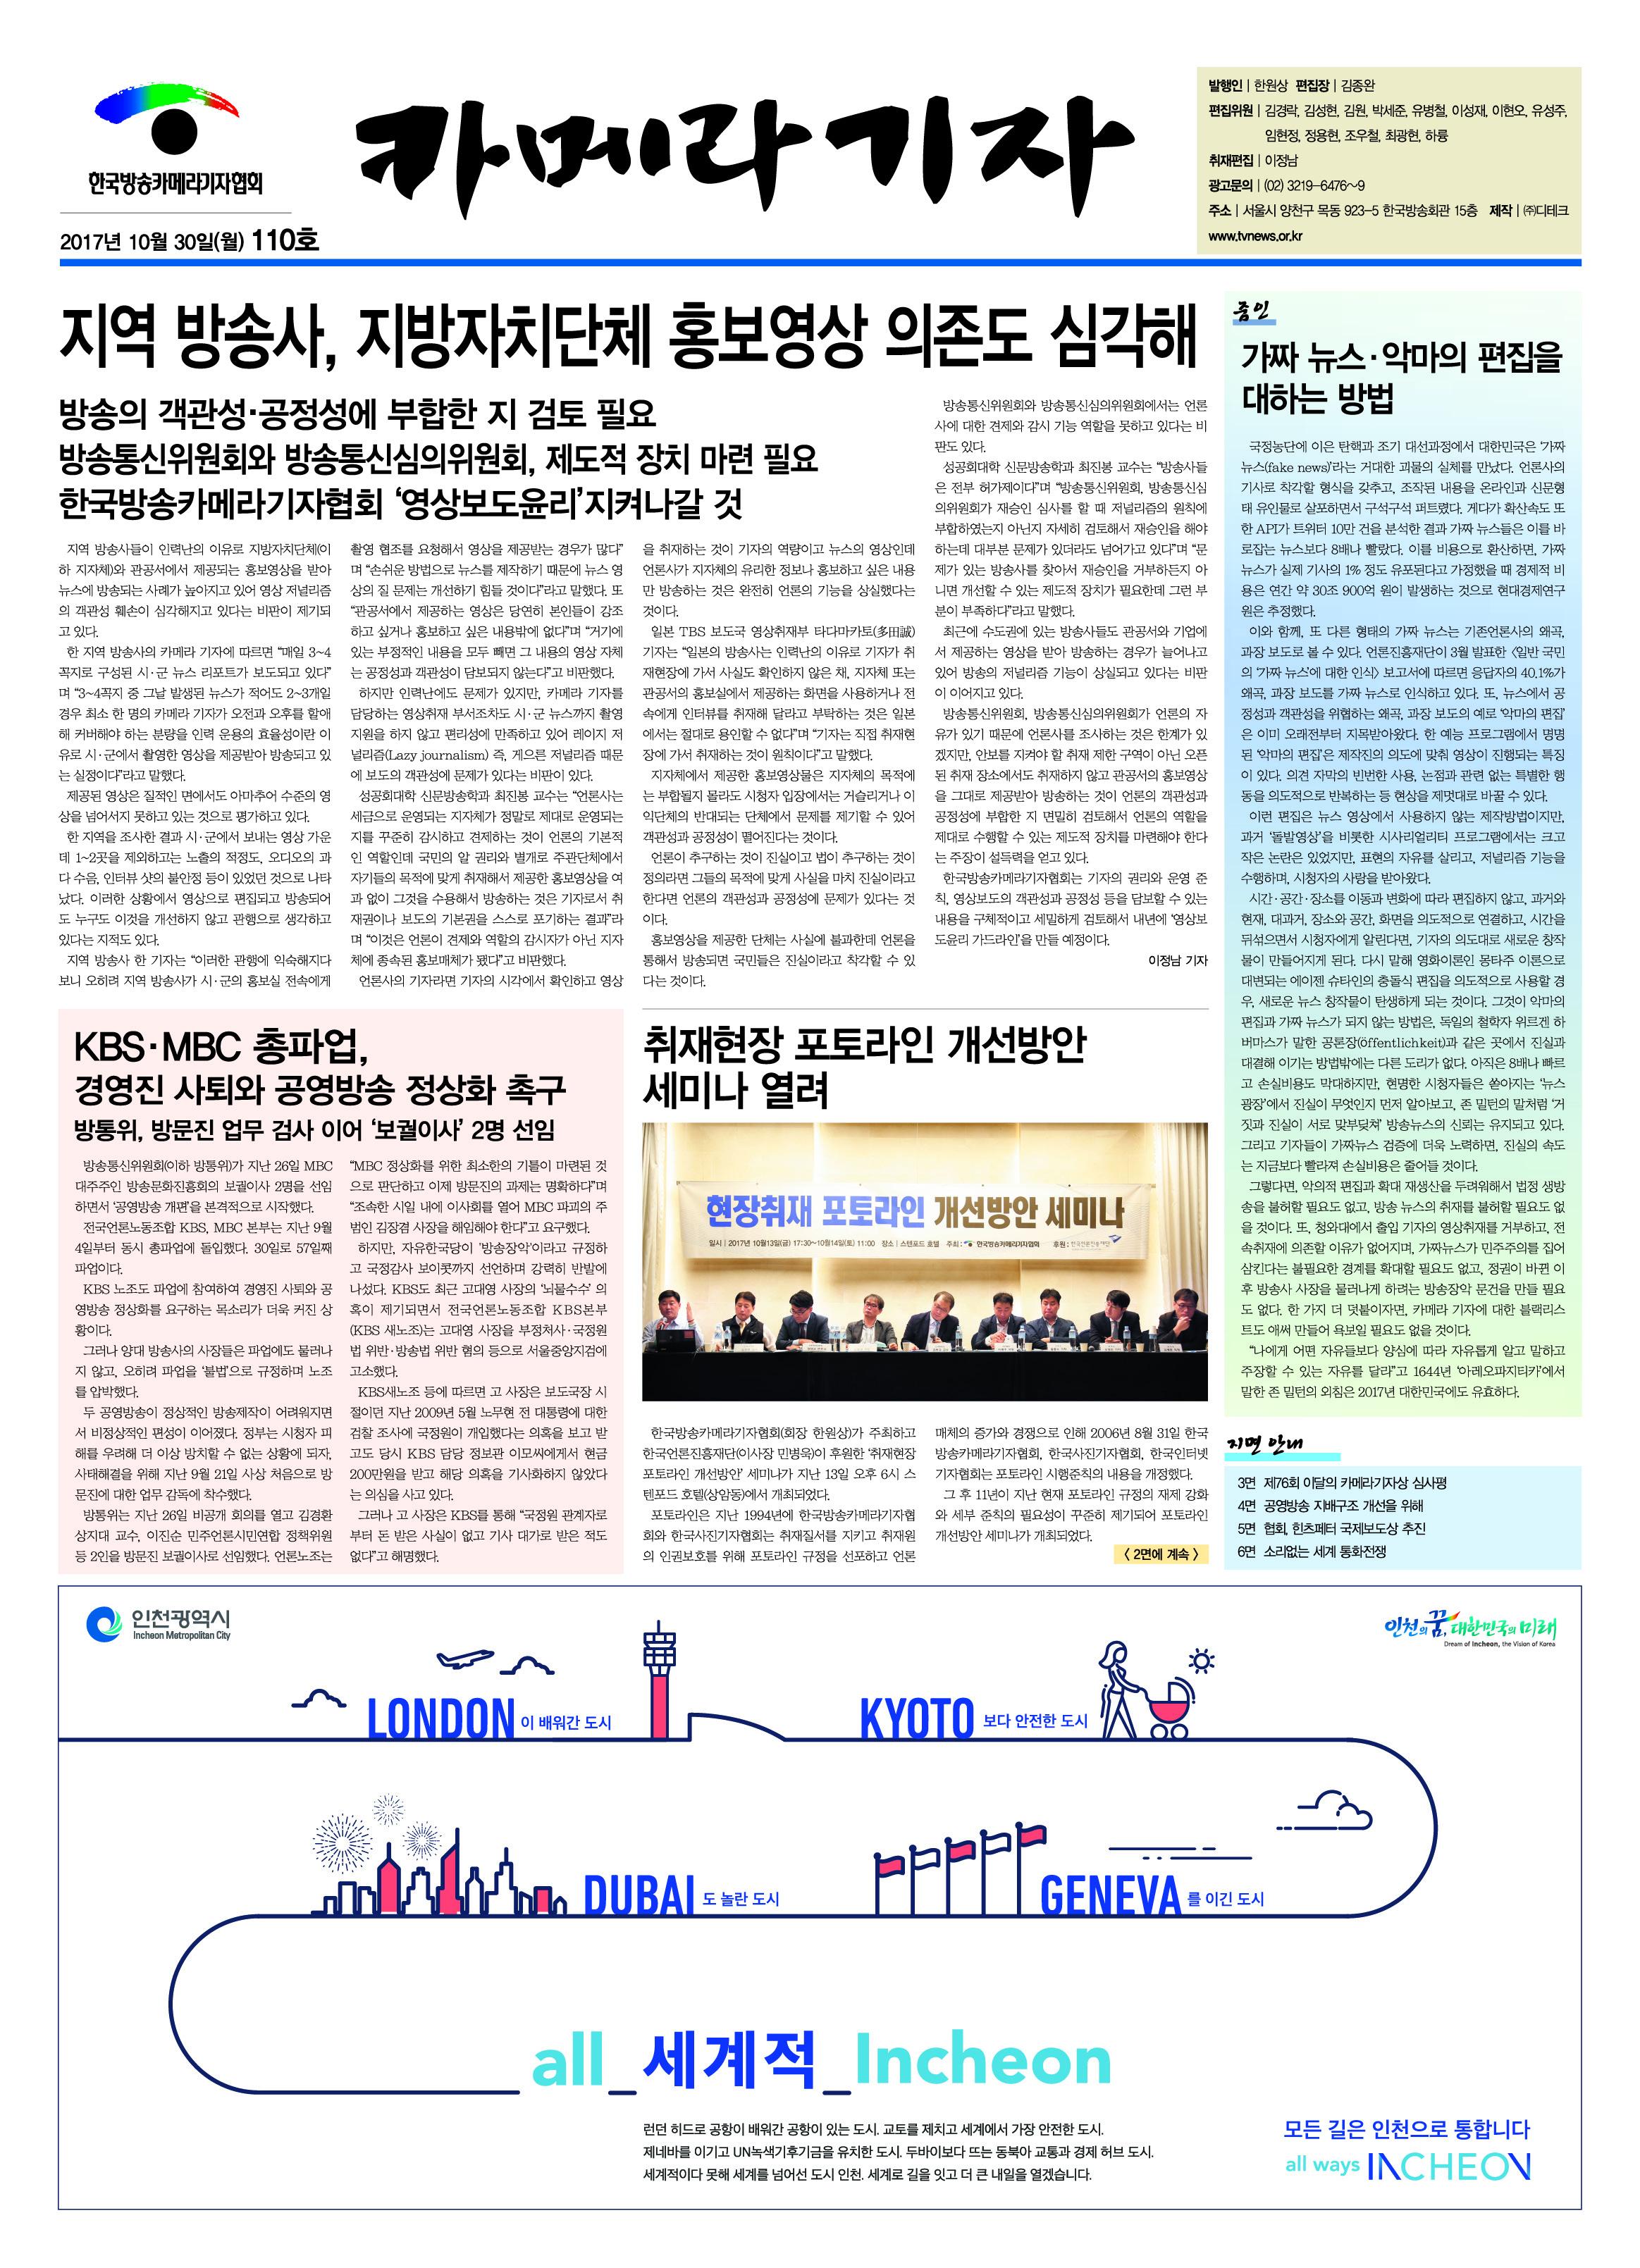 카메라기자협회 신문-110호-낱장.jpg